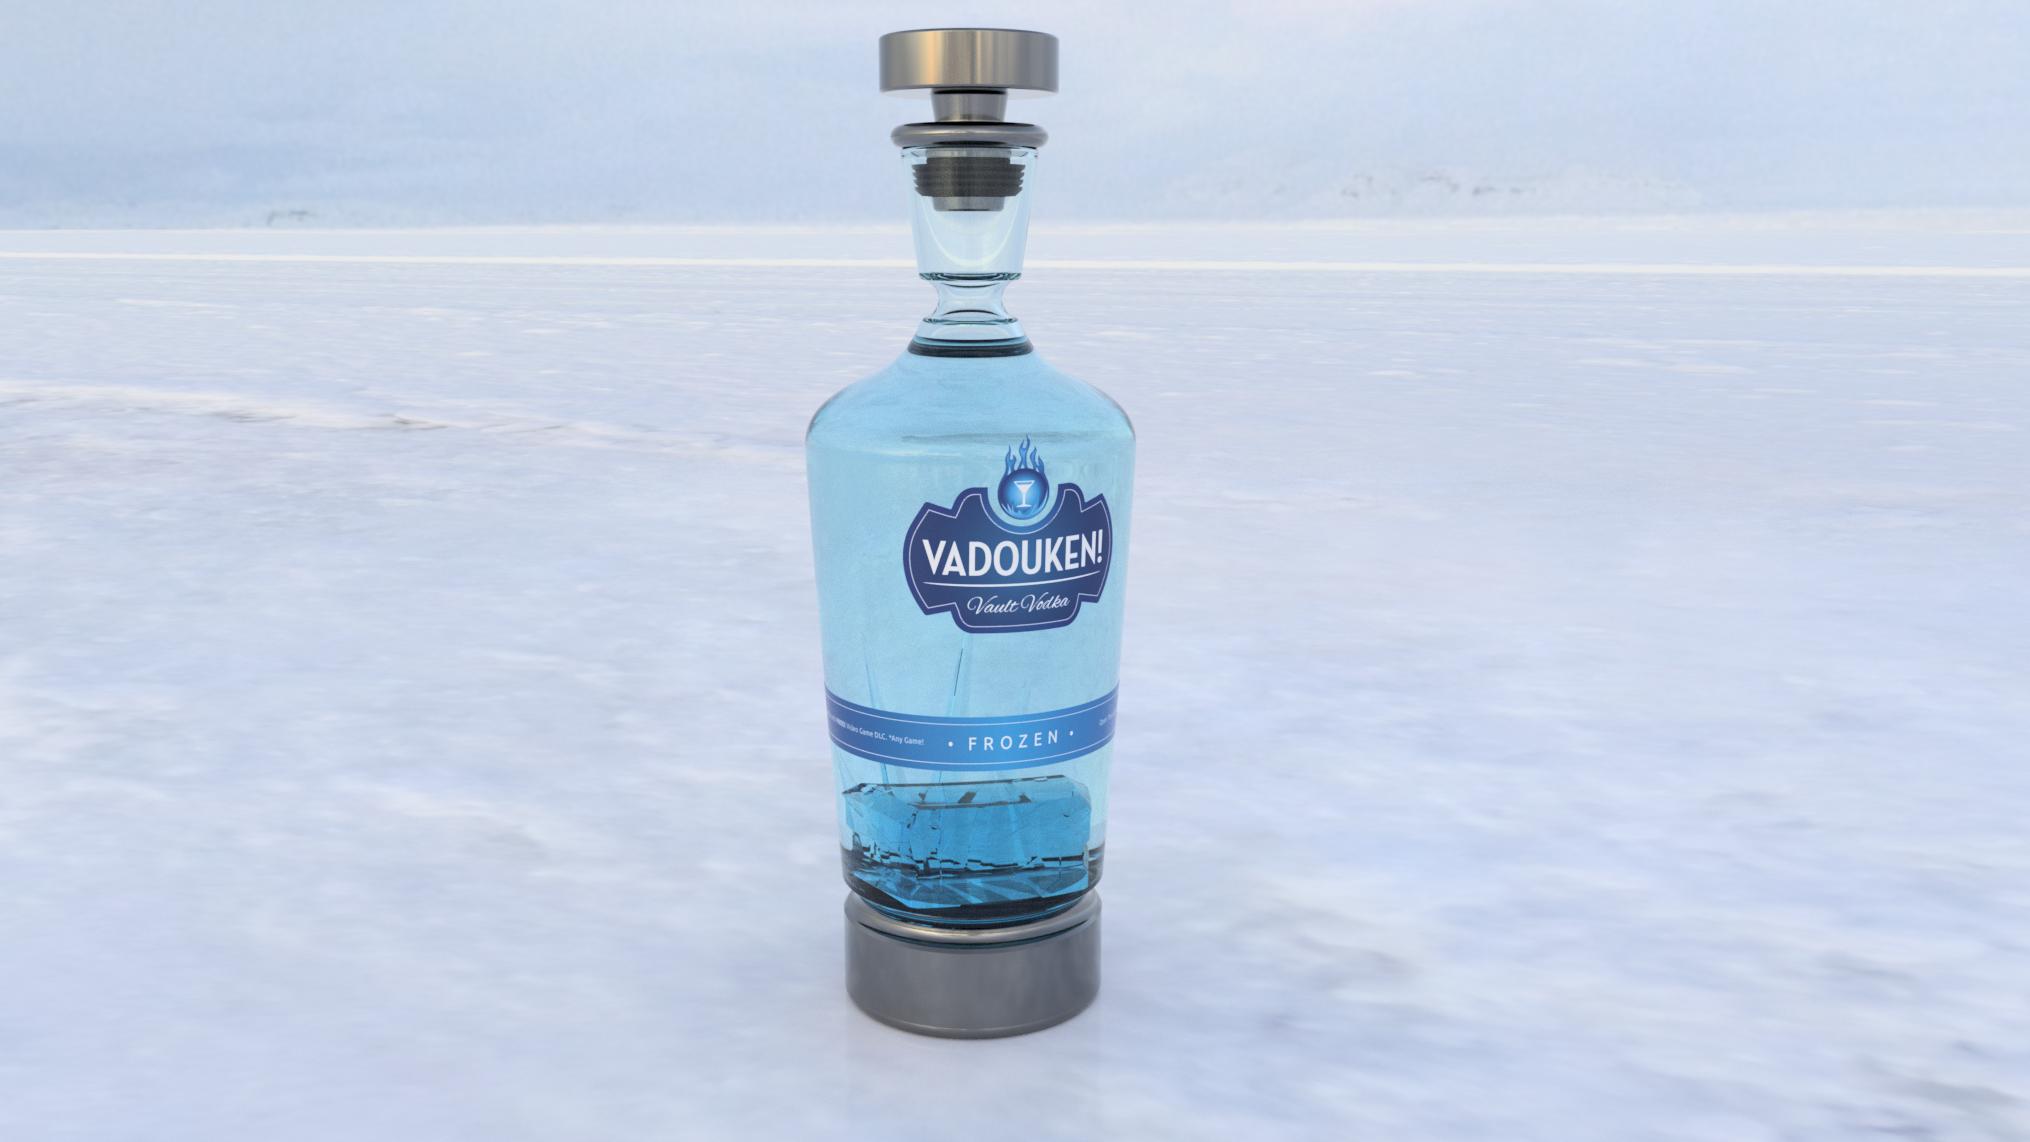 Vault Vodka - Vadouken | Rozen Flavor